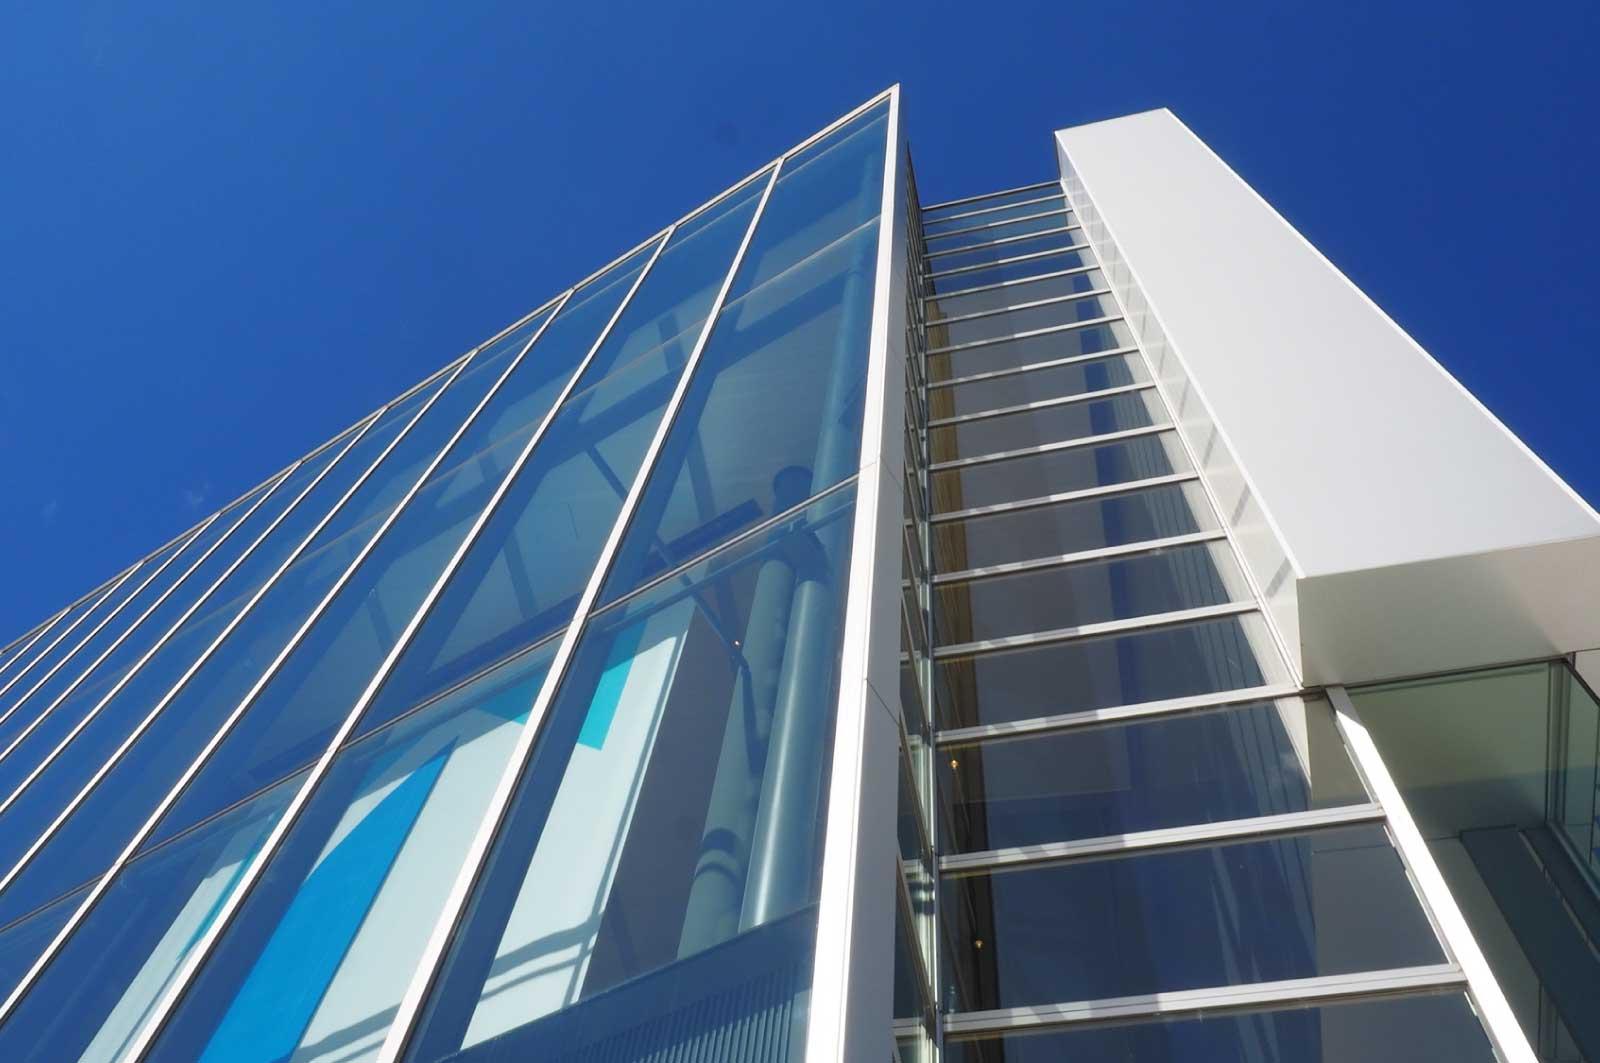 ガラスを多用した富山県美術館